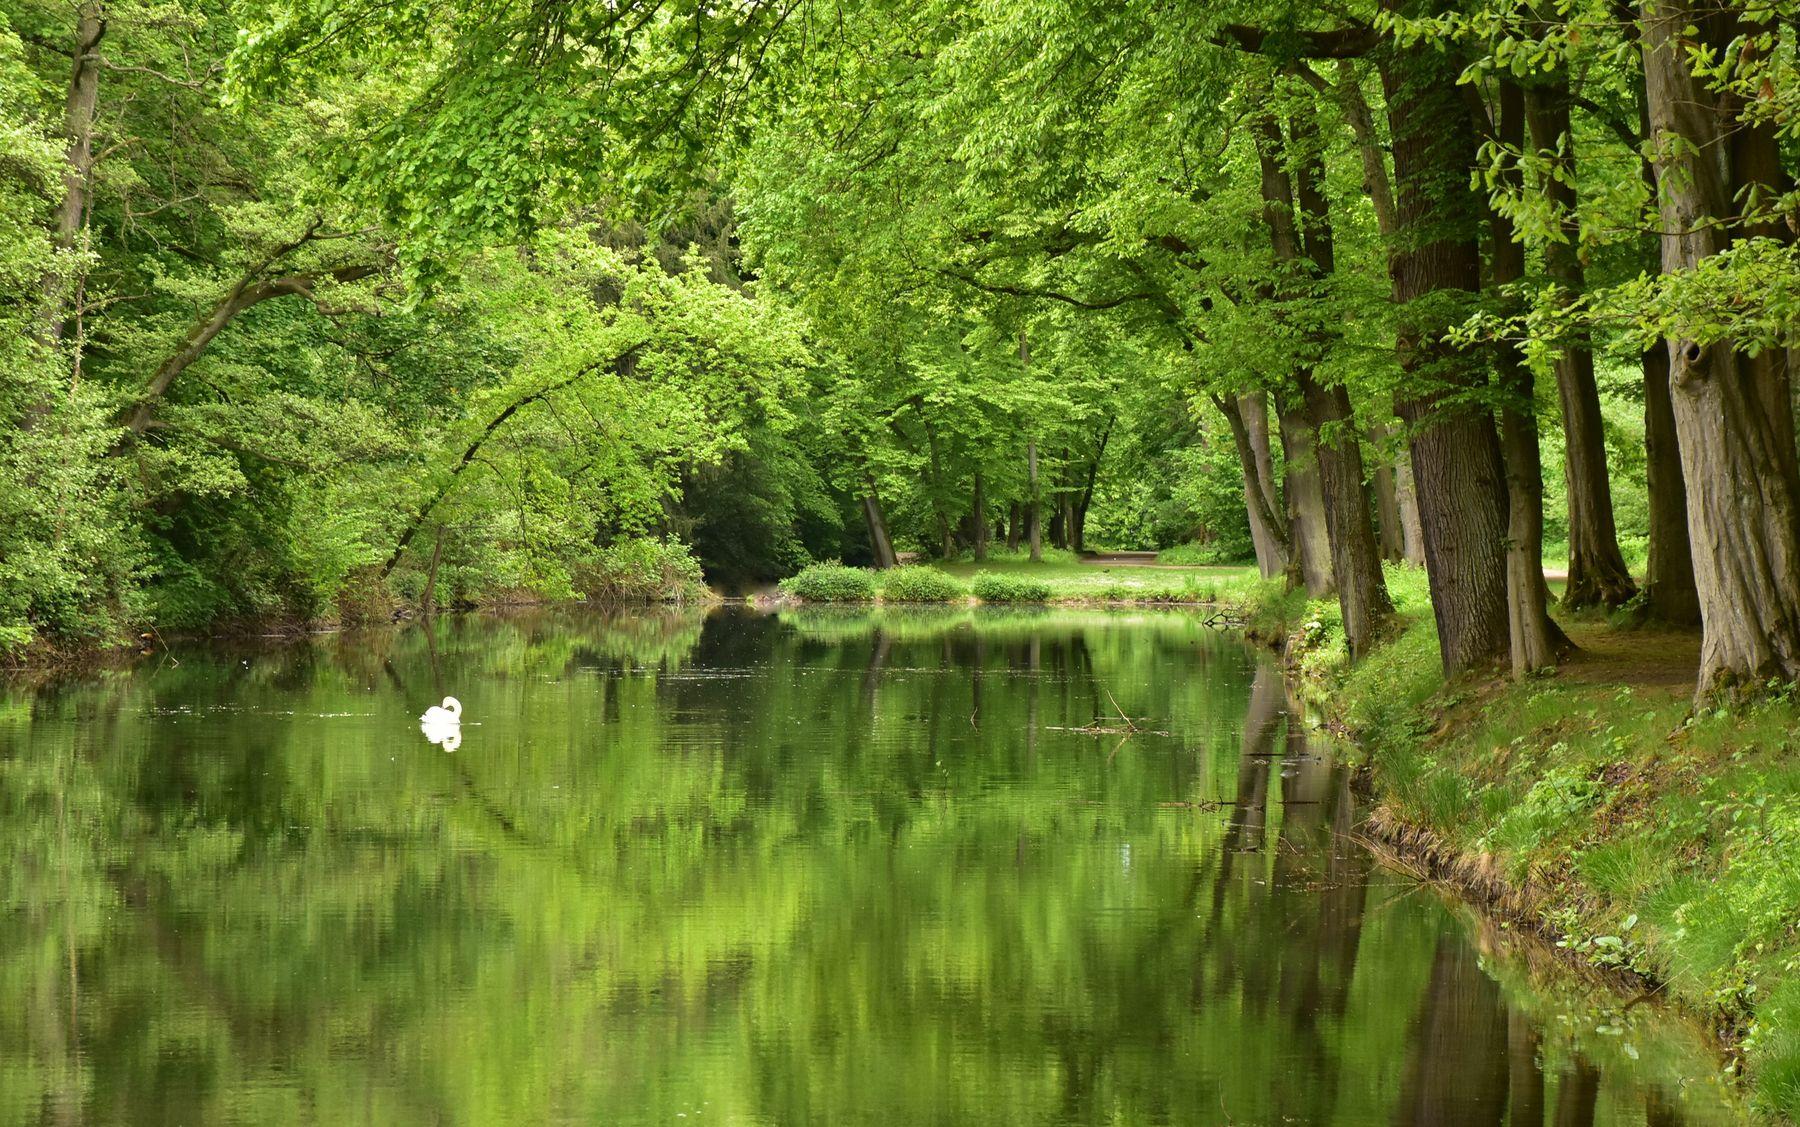 Одинокий лебедь на пруду. Пруд лес вода лебедь